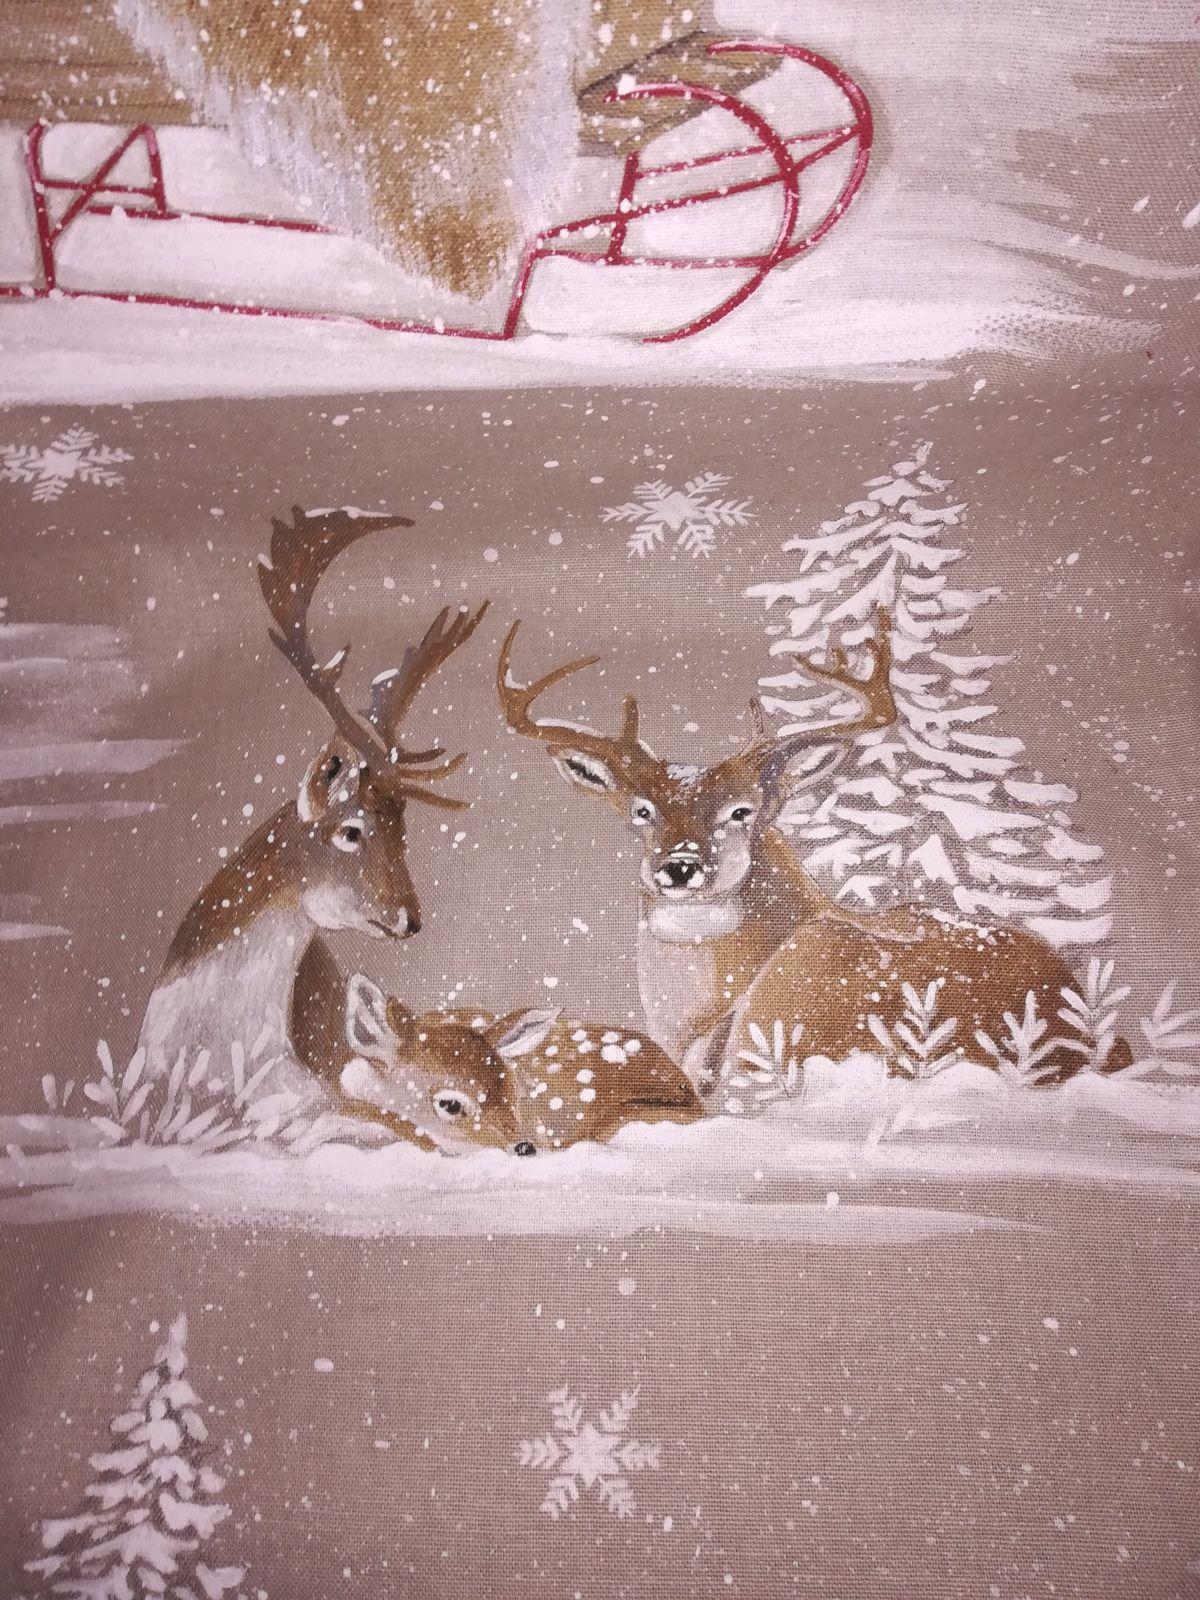 Un plaid rouge et paysage d'hiver  pour la période les fêtes de fin d'année...